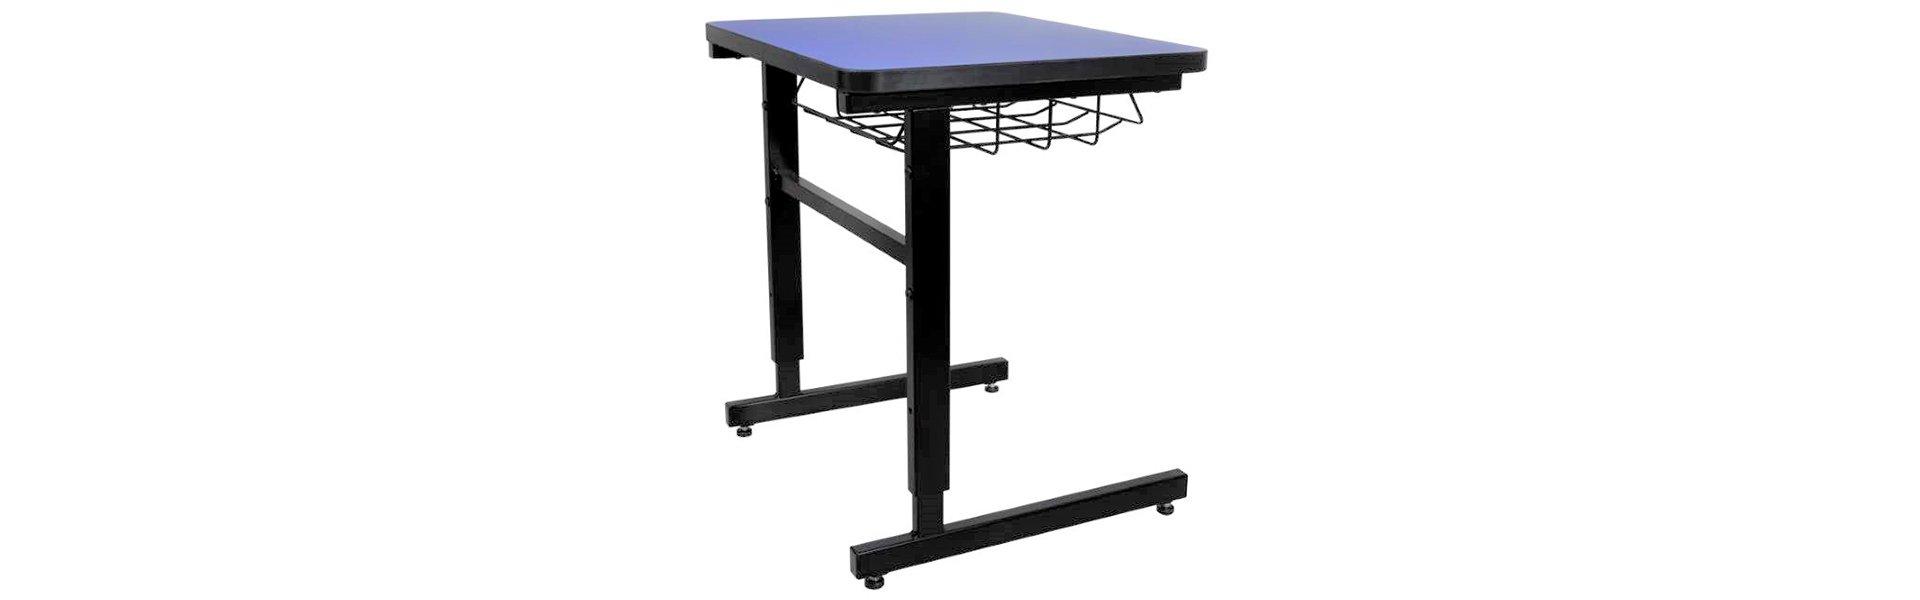 CFC Educational 611 Pupil Desk